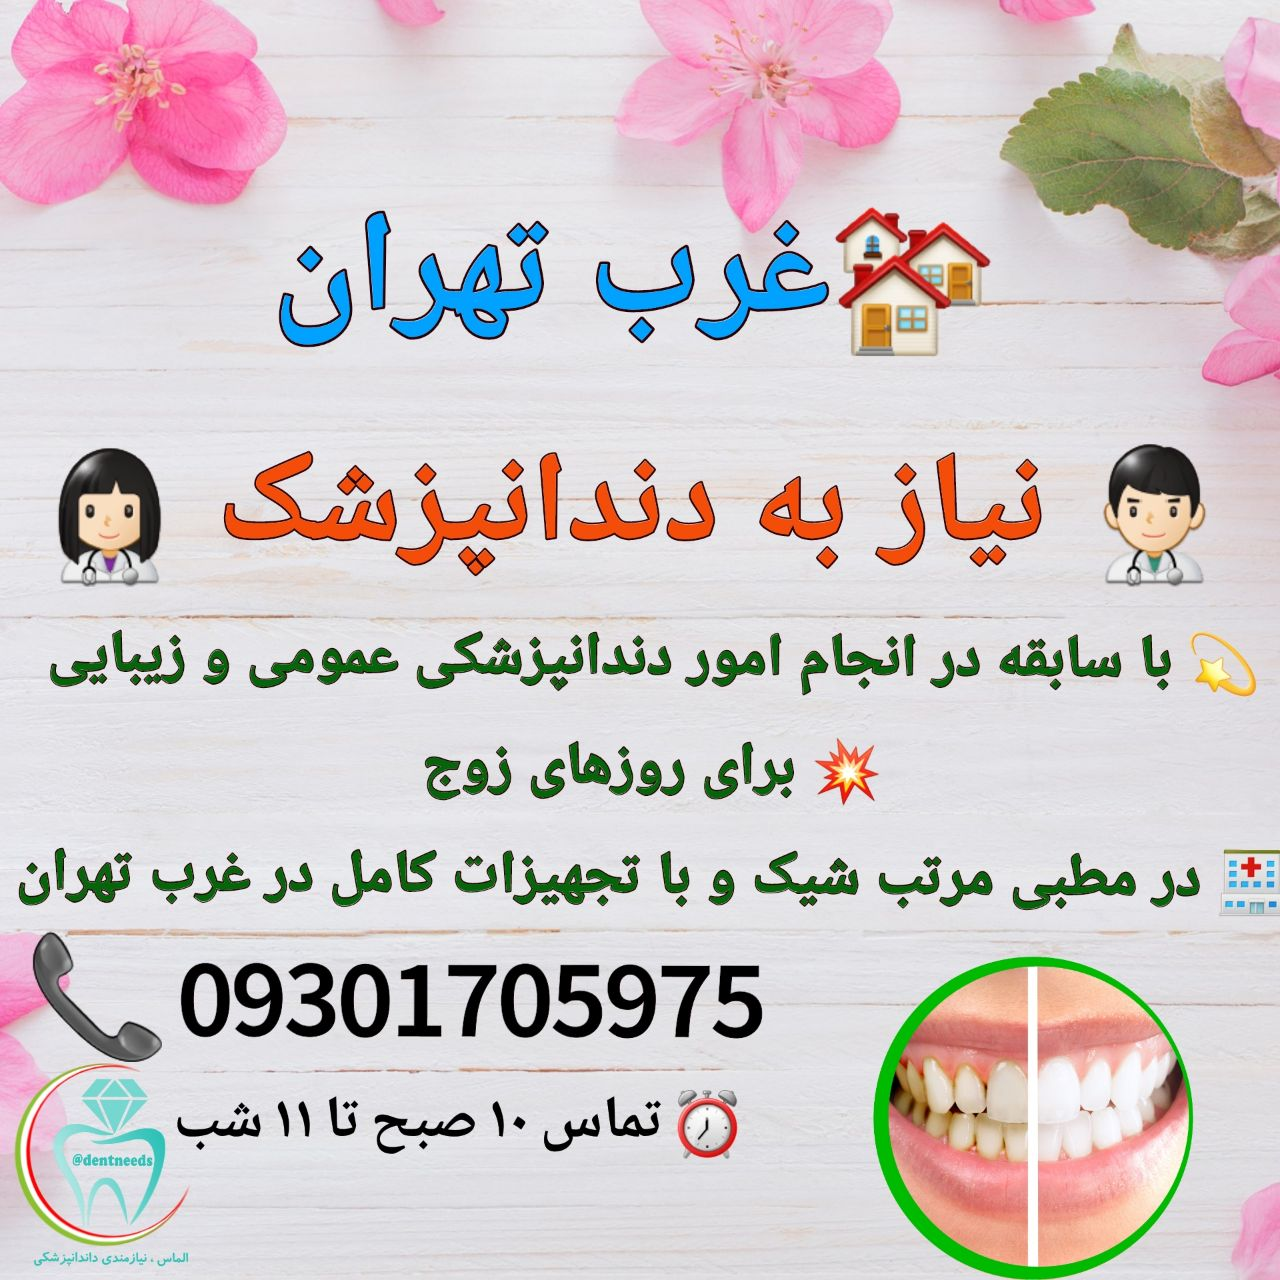 غرب تهران، نیاز به دندانپزشک